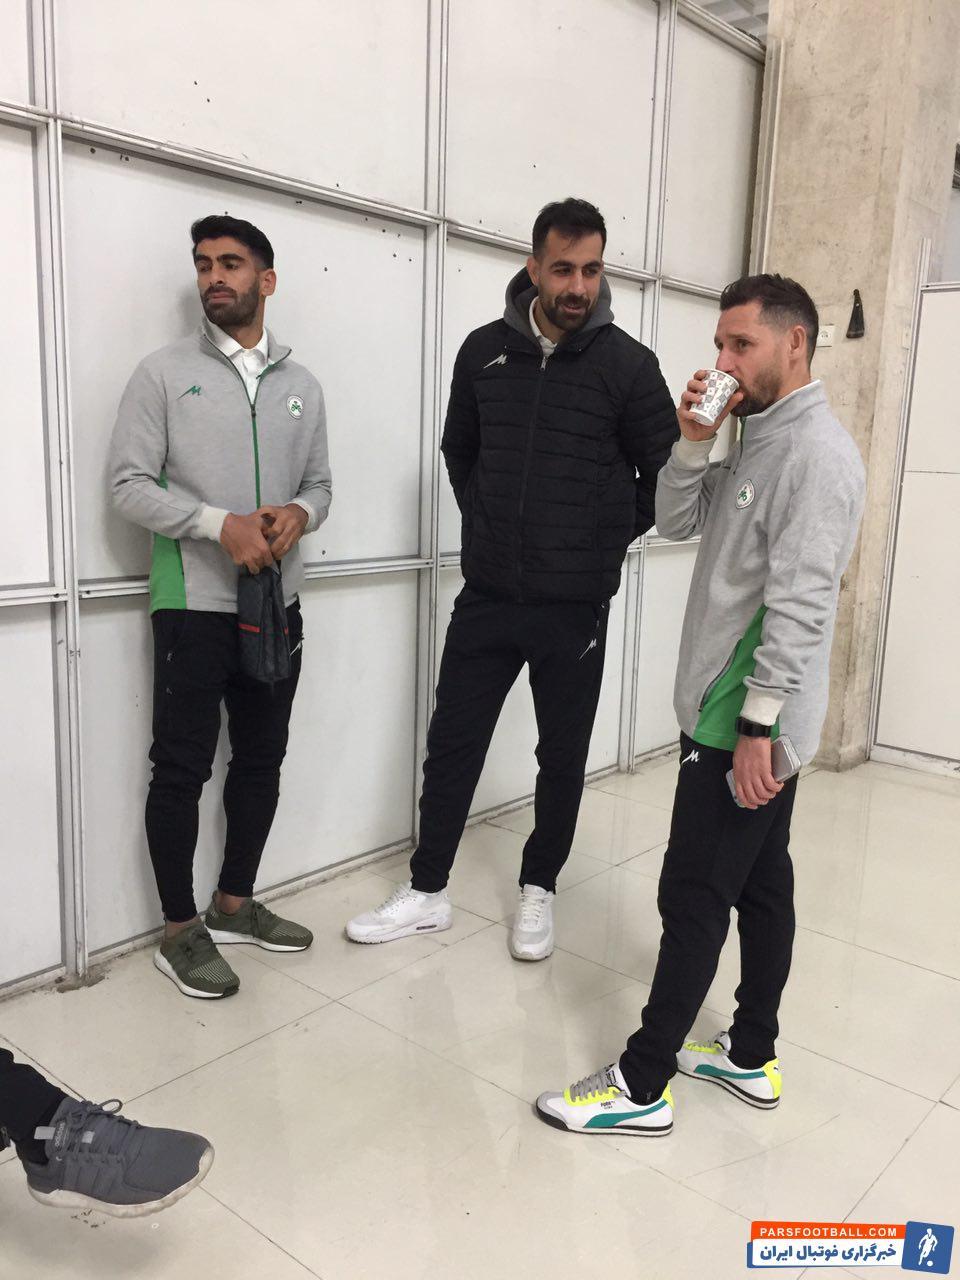 محمدرضا خلعتبری روز جمعه با ذوب آهن قرارداد امضا کرده بود محمدرضا خلعتبری امروز با حضور در اردوی این تیم در اهواز تمریناتش را آغاز کرد.